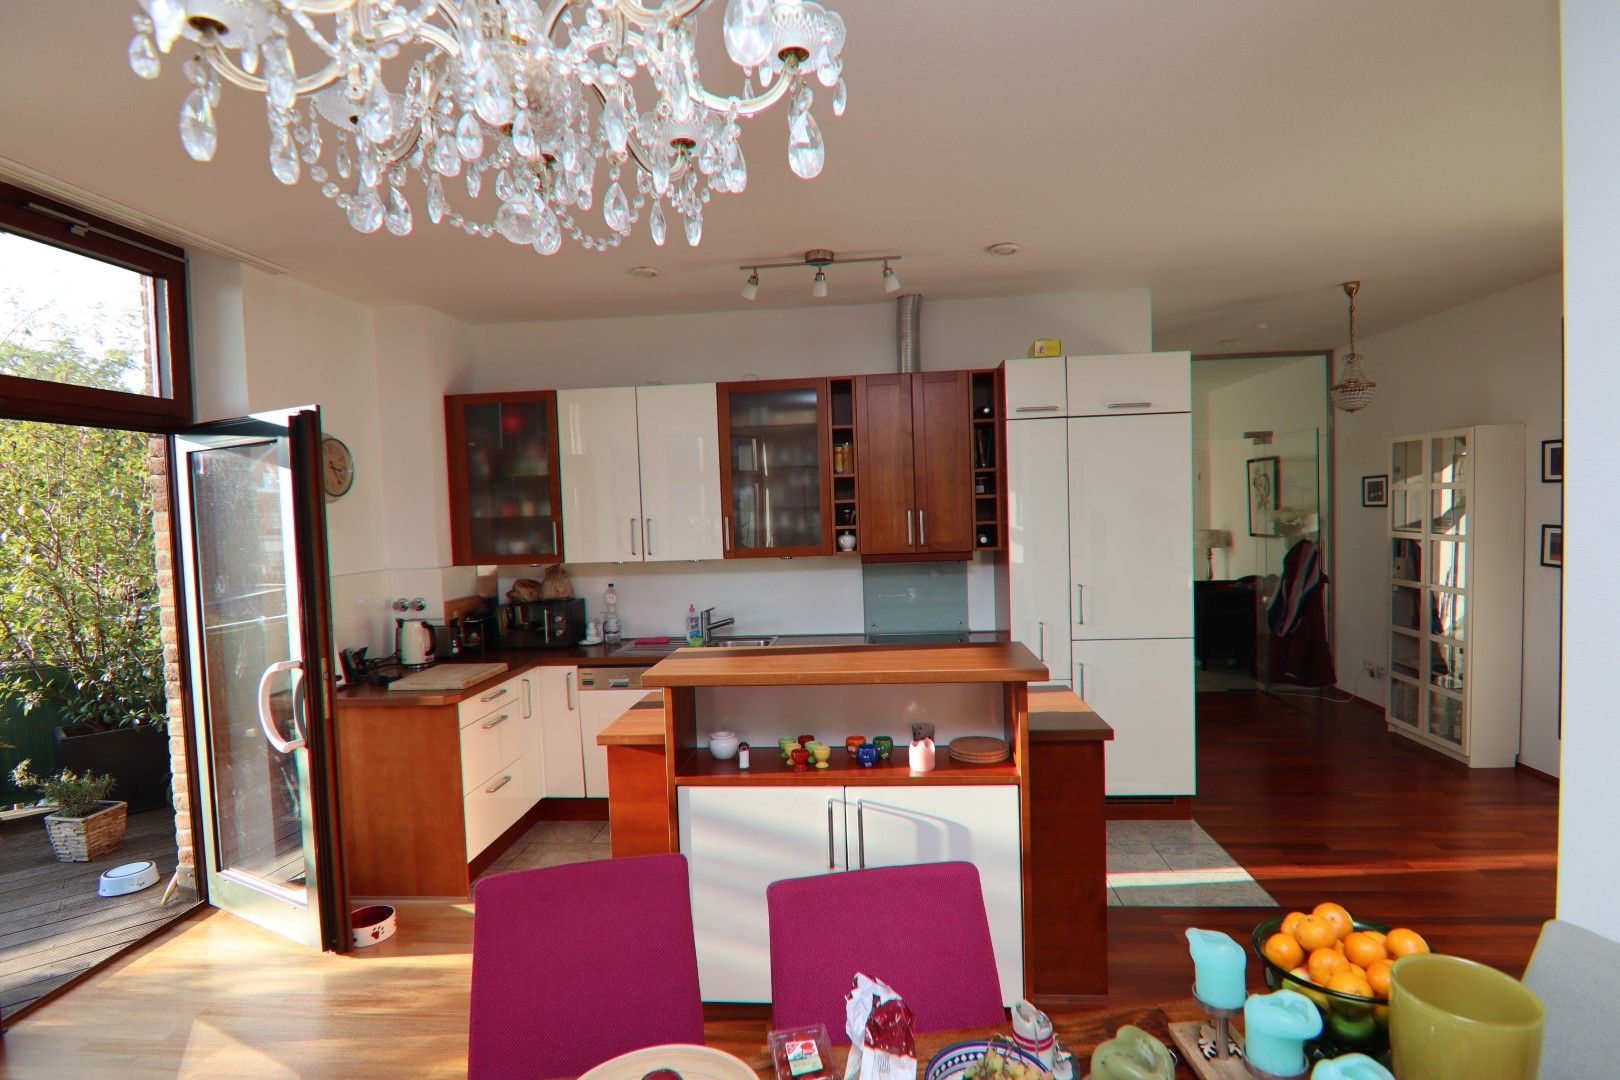 Immobilie Nr.0275 - 4-Raum-Deluxe-Wohnung mit Aufzug, Dachterrasse u. Garage - Bild 5.jpg